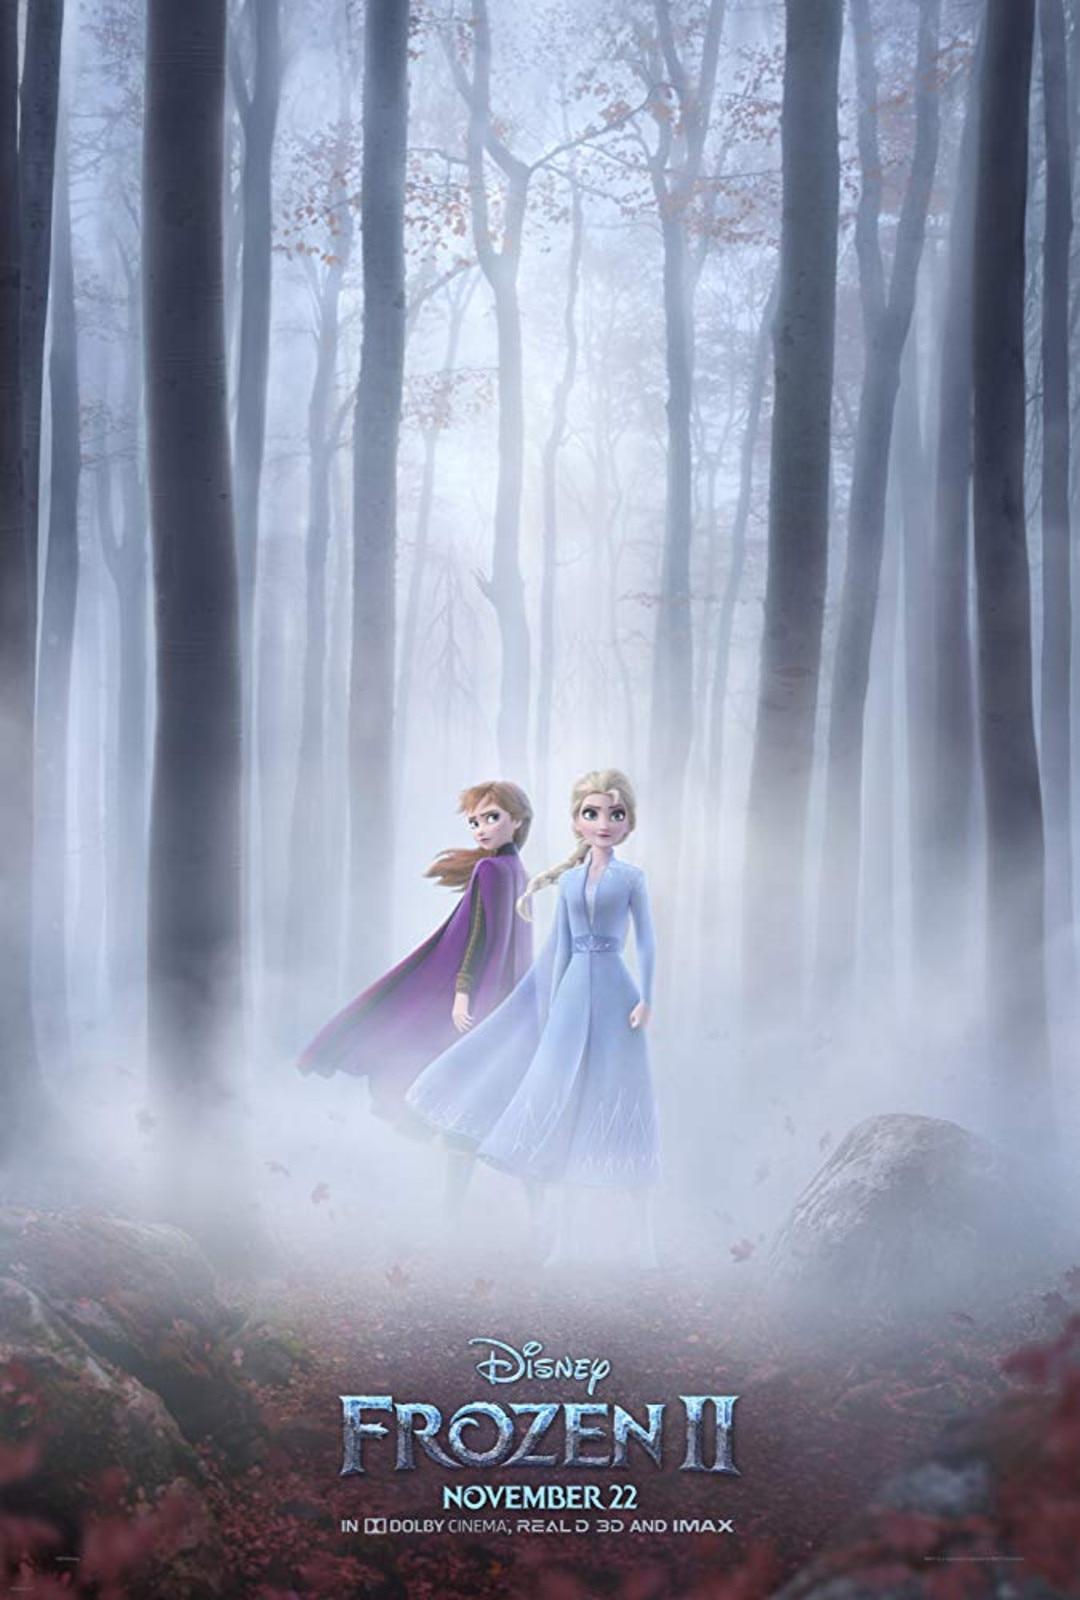 Frozen 2, movie poster